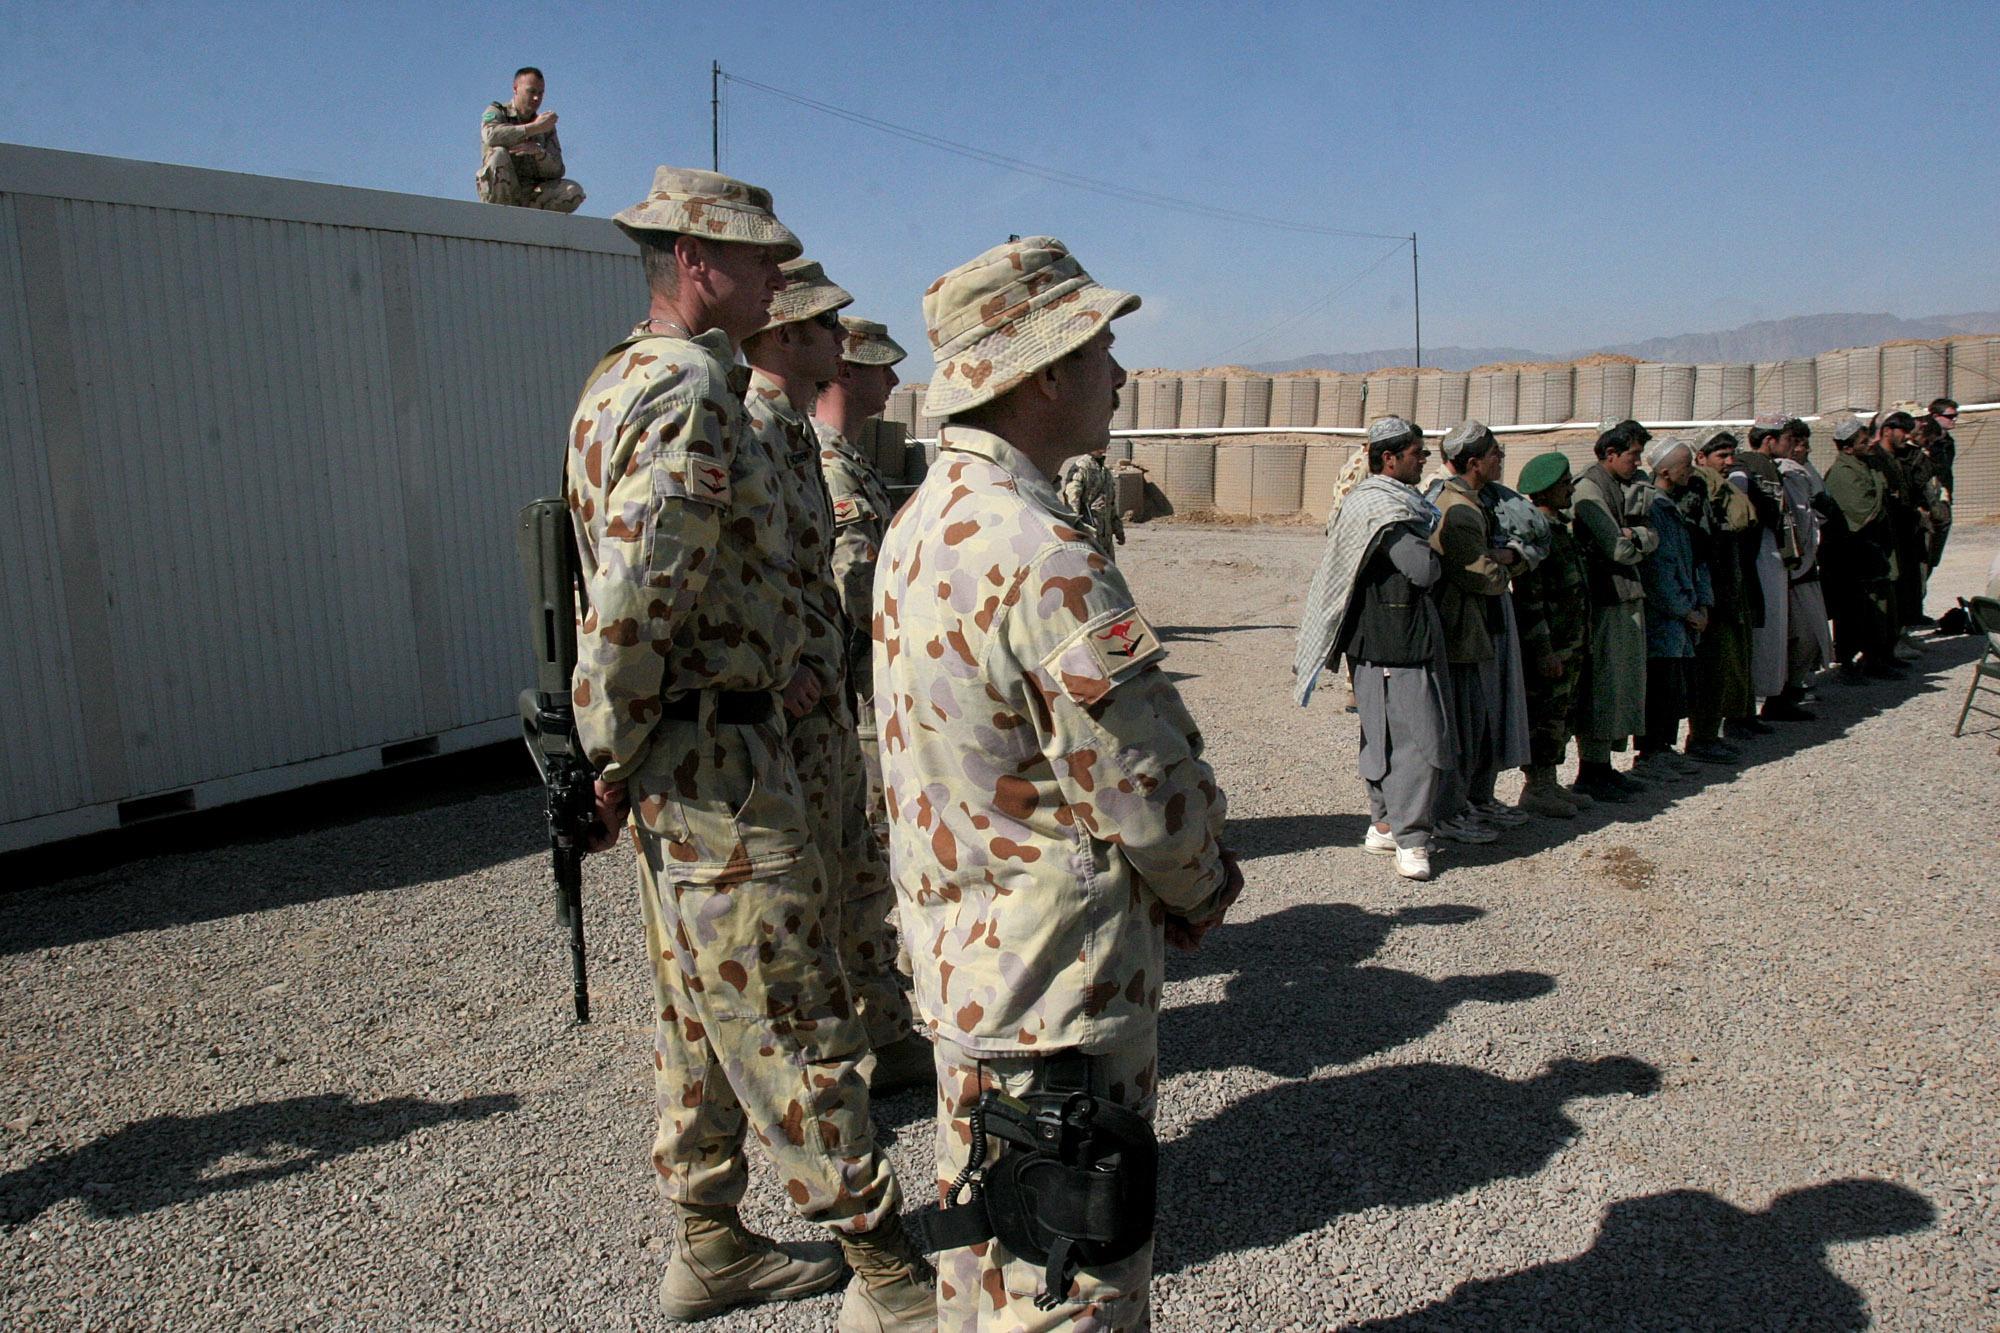 澳大利亚军队再曝丑闻:两名士兵被控强奸未成年少女